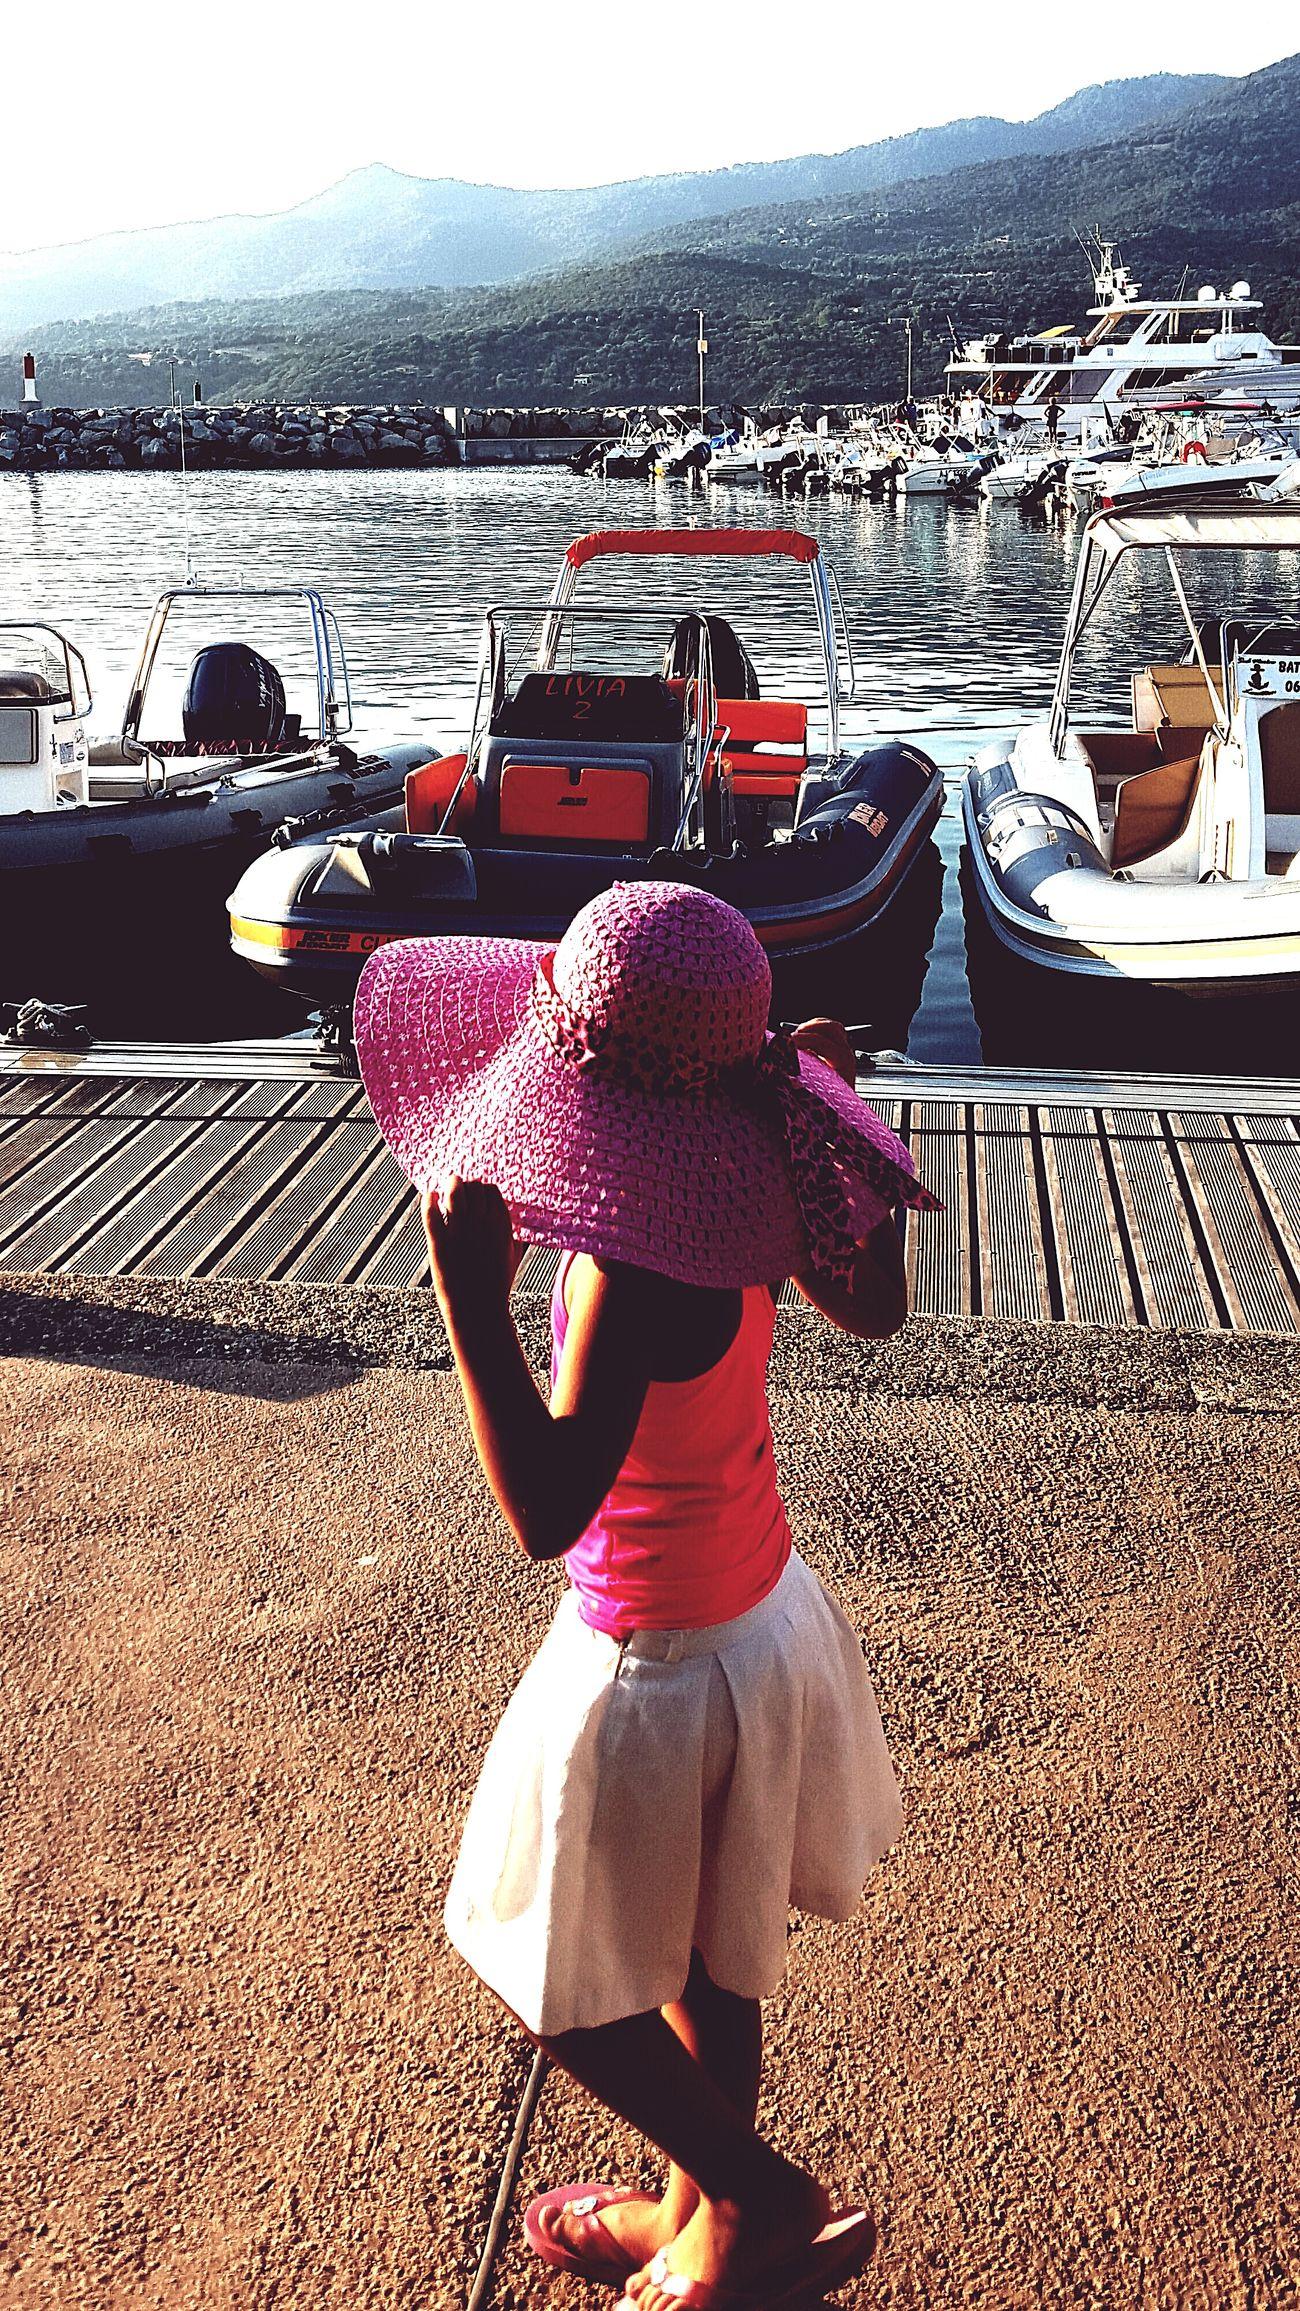 Petitchapeaurondrose Fashion&love&beauty Fashionvictim Pinkyup